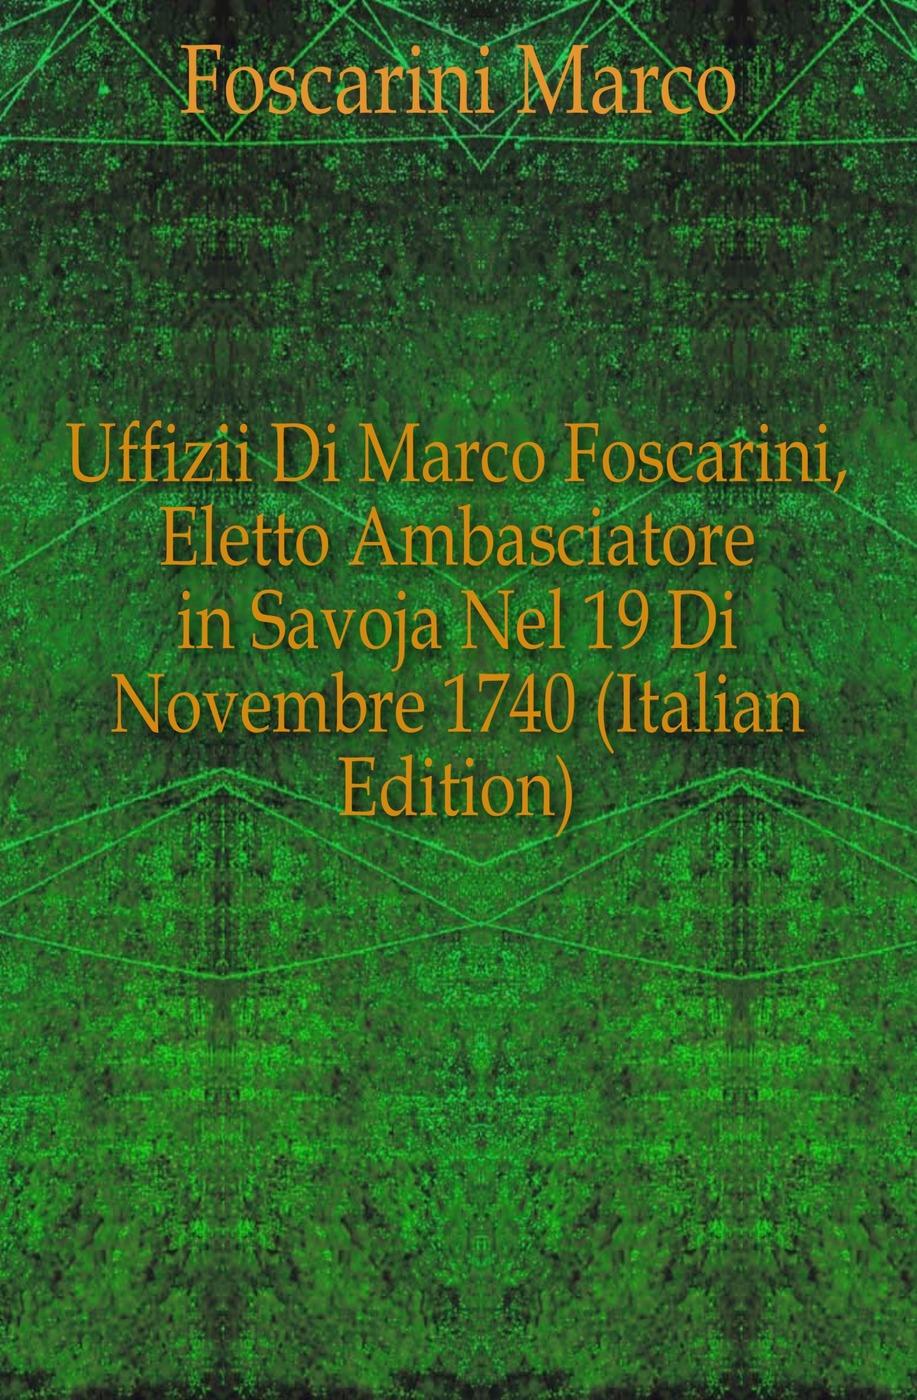 Foscarini Marco Uffizii Di Marco Foscarini, Eletto Ambasciatore in Savoja Nel 19 Di Novembre 1740 (Italian Edition) eletto el326w02 1